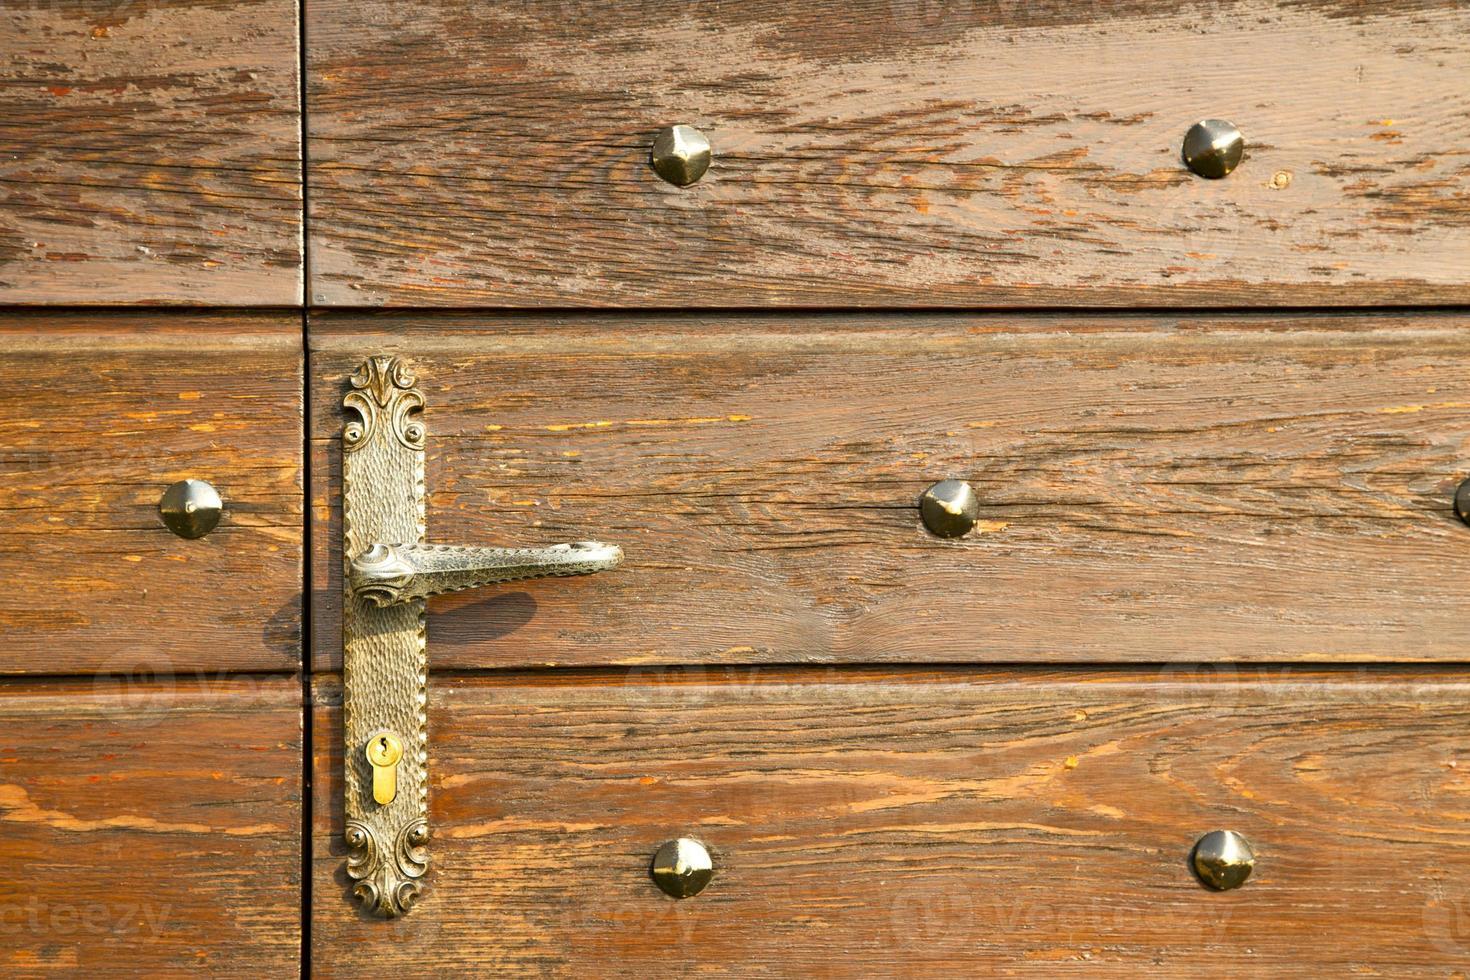 capronno abstracto latón oxidado foto